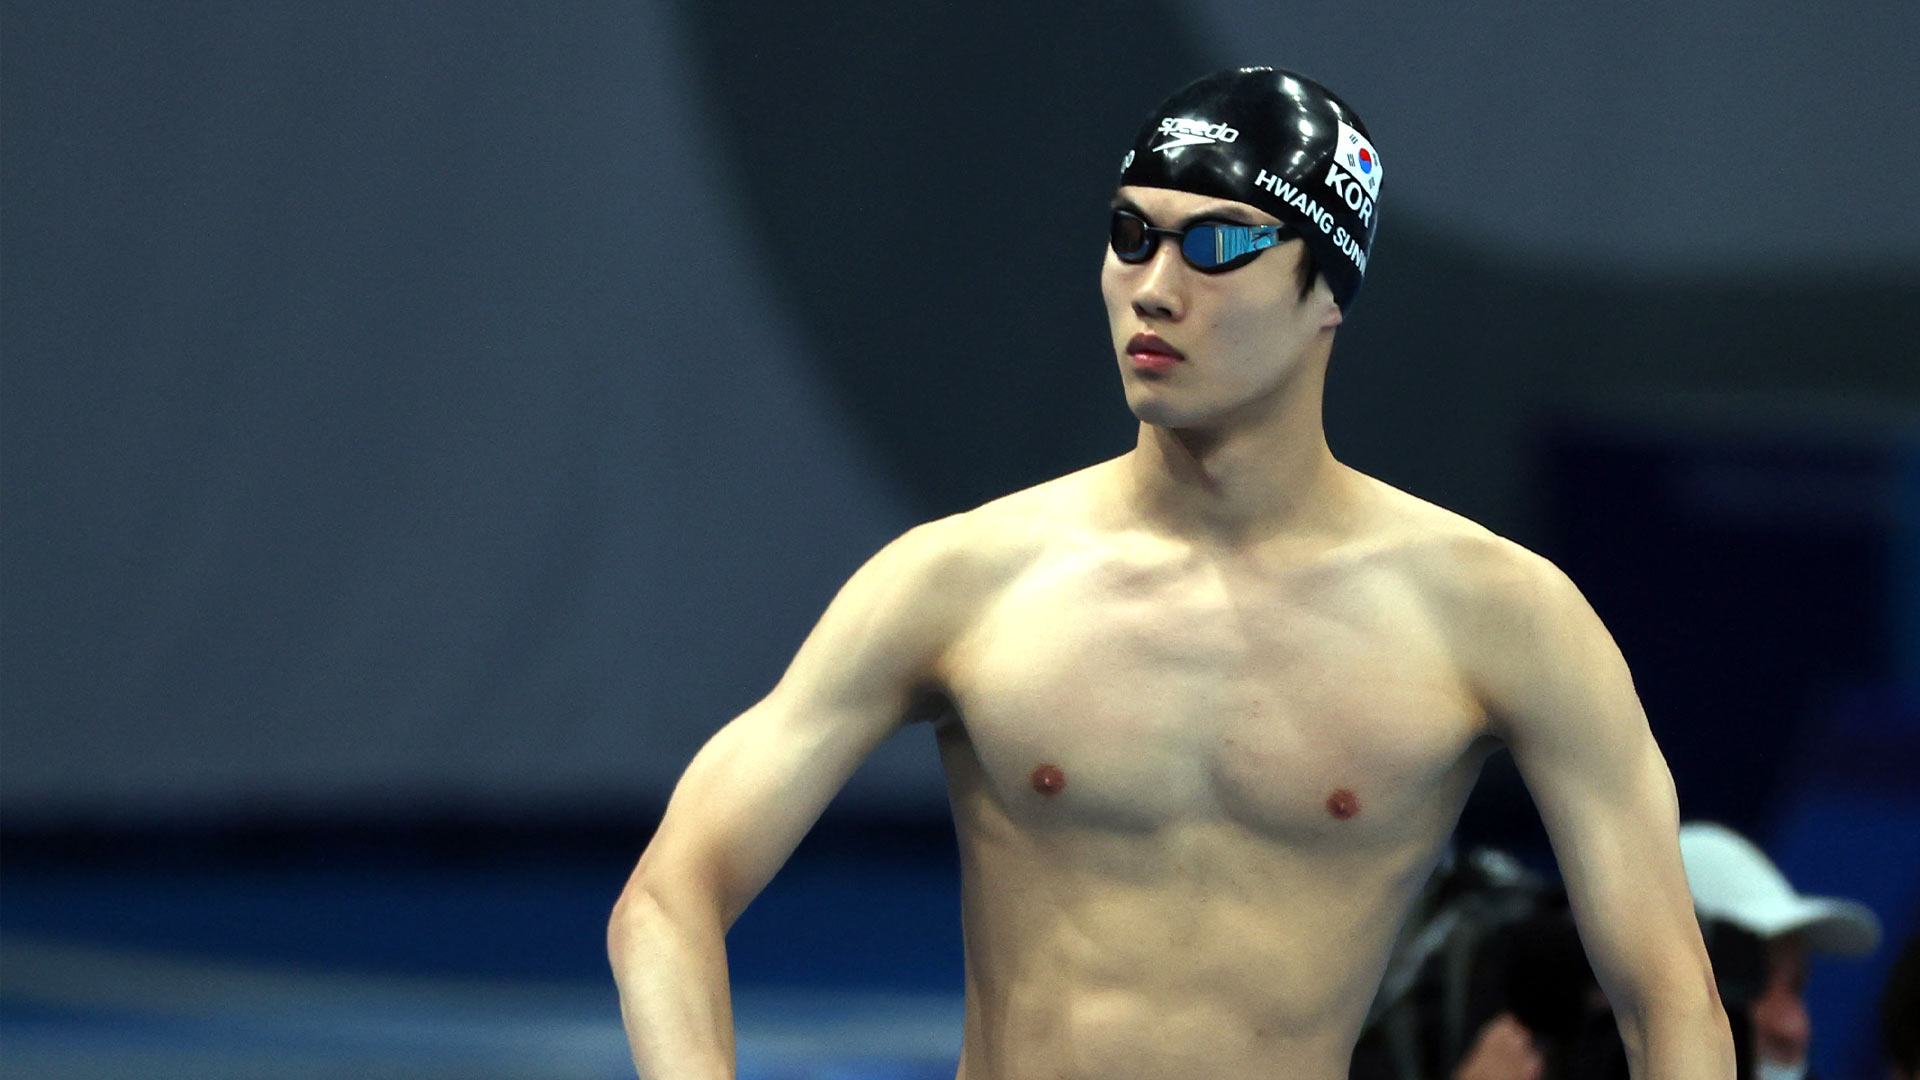 황선우, 한국 수영 최초 100m 결승…아시아신기록까지 경신